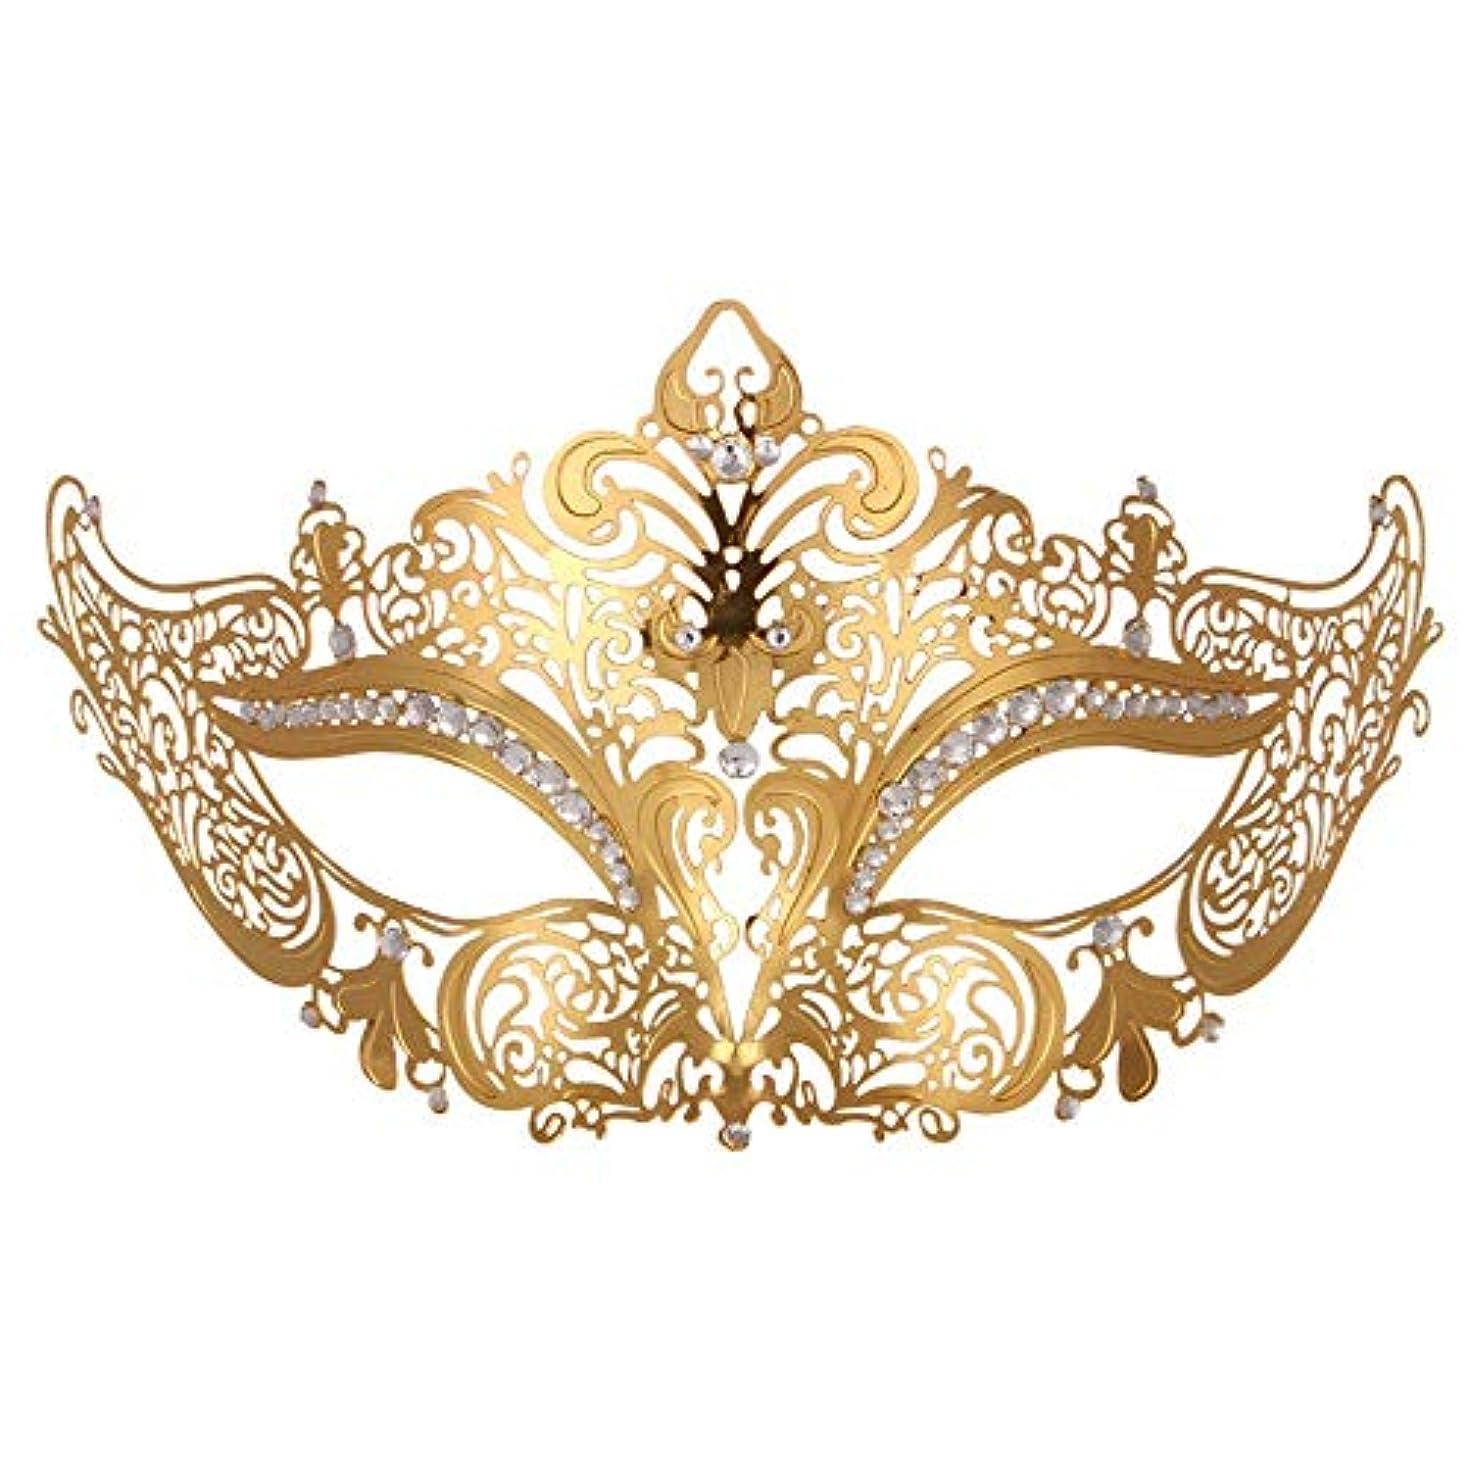 上に築きます島必要ないダンスマスク 高級金メッキ銀マスク仮装小道具ロールプレイングナイトクラブパーティーマスク ホリデーパーティー用品 (色 : ゴールド, サイズ : Universal)